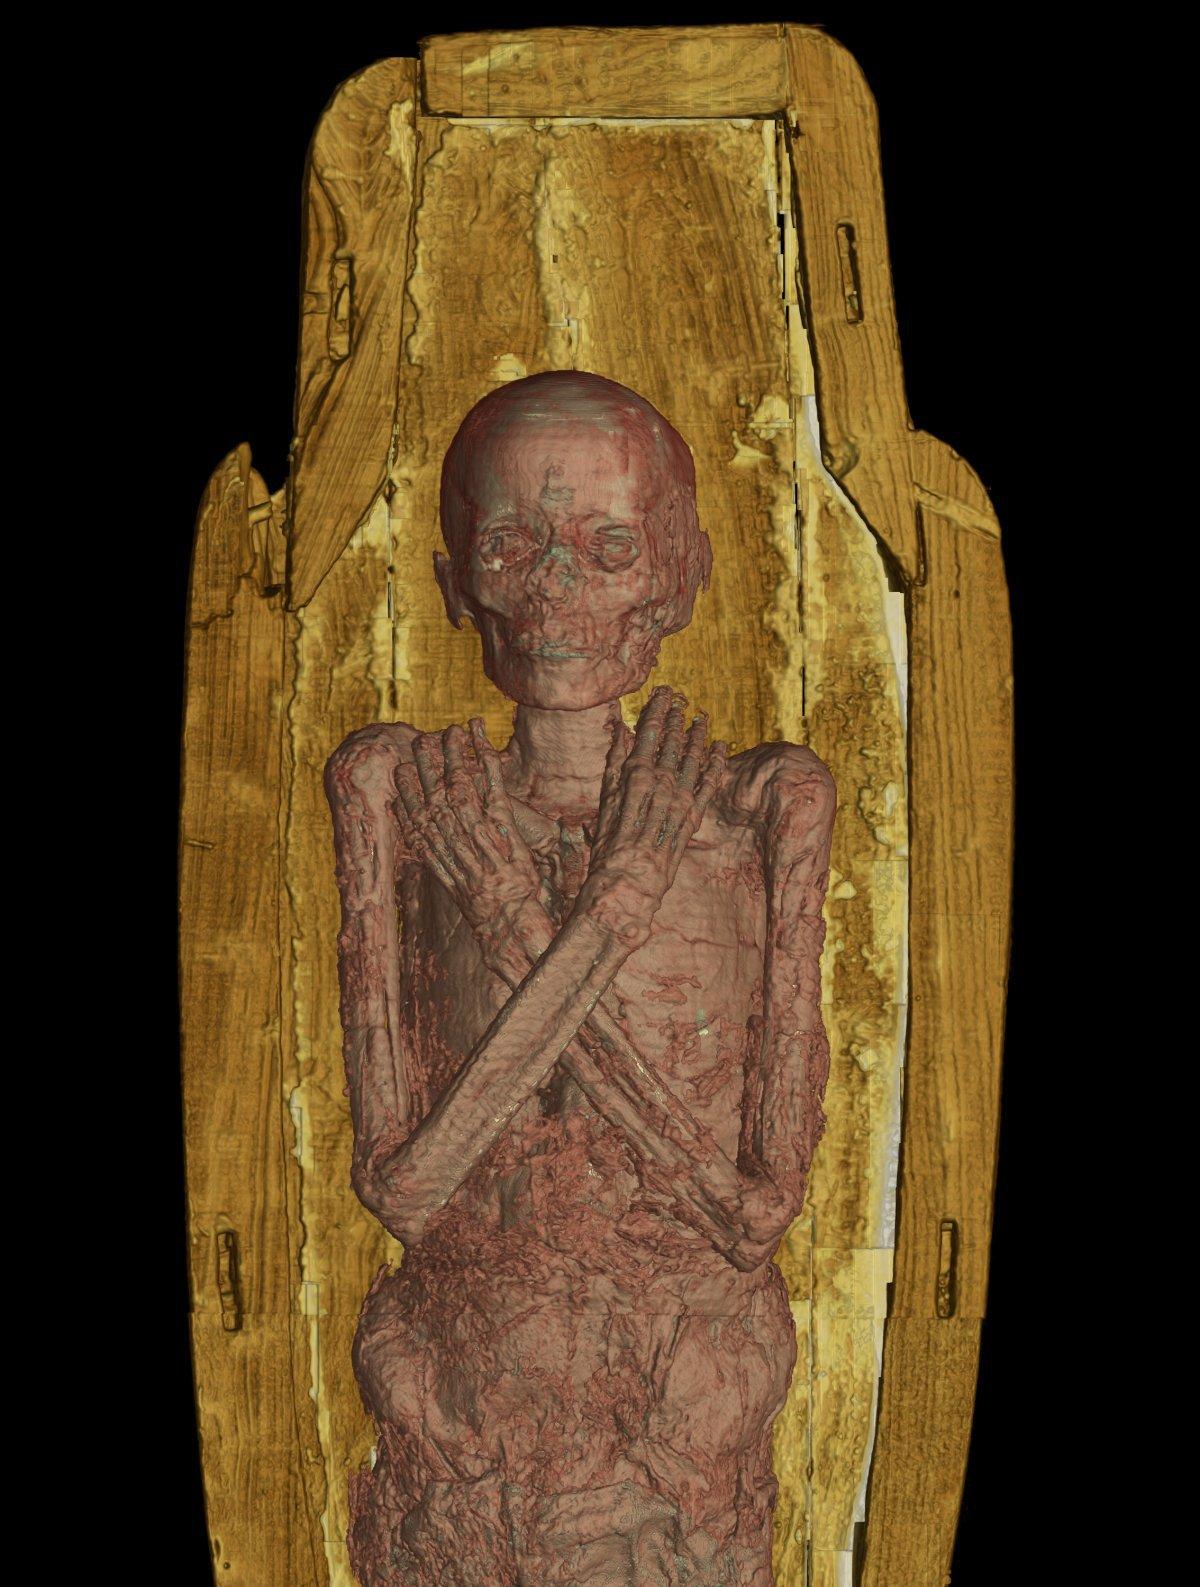 Imaginile care prezintă interiorul unei mumii